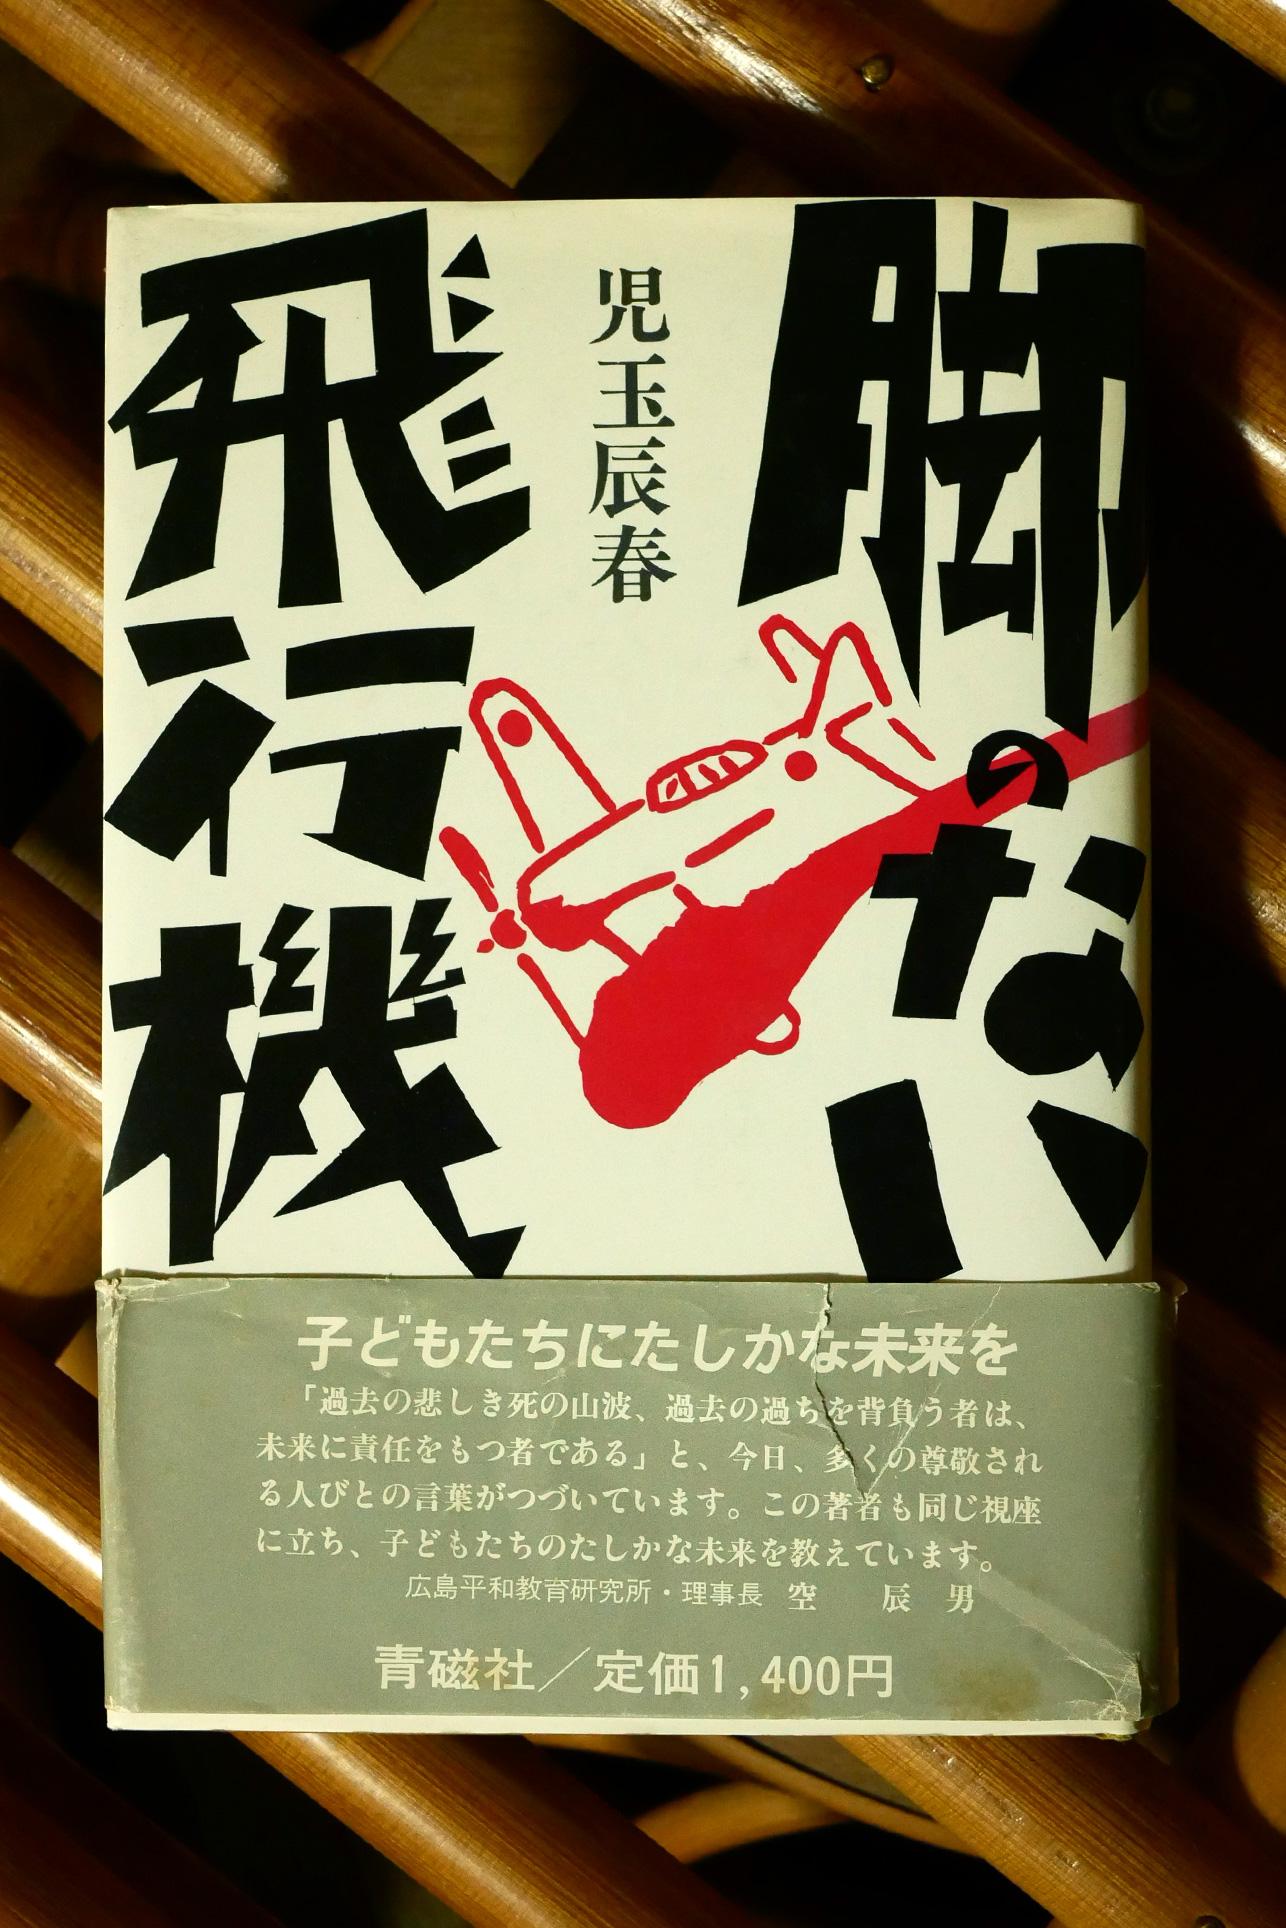 書籍脚のない飛行機(児玉辰春/青磁社)」の表紙画像